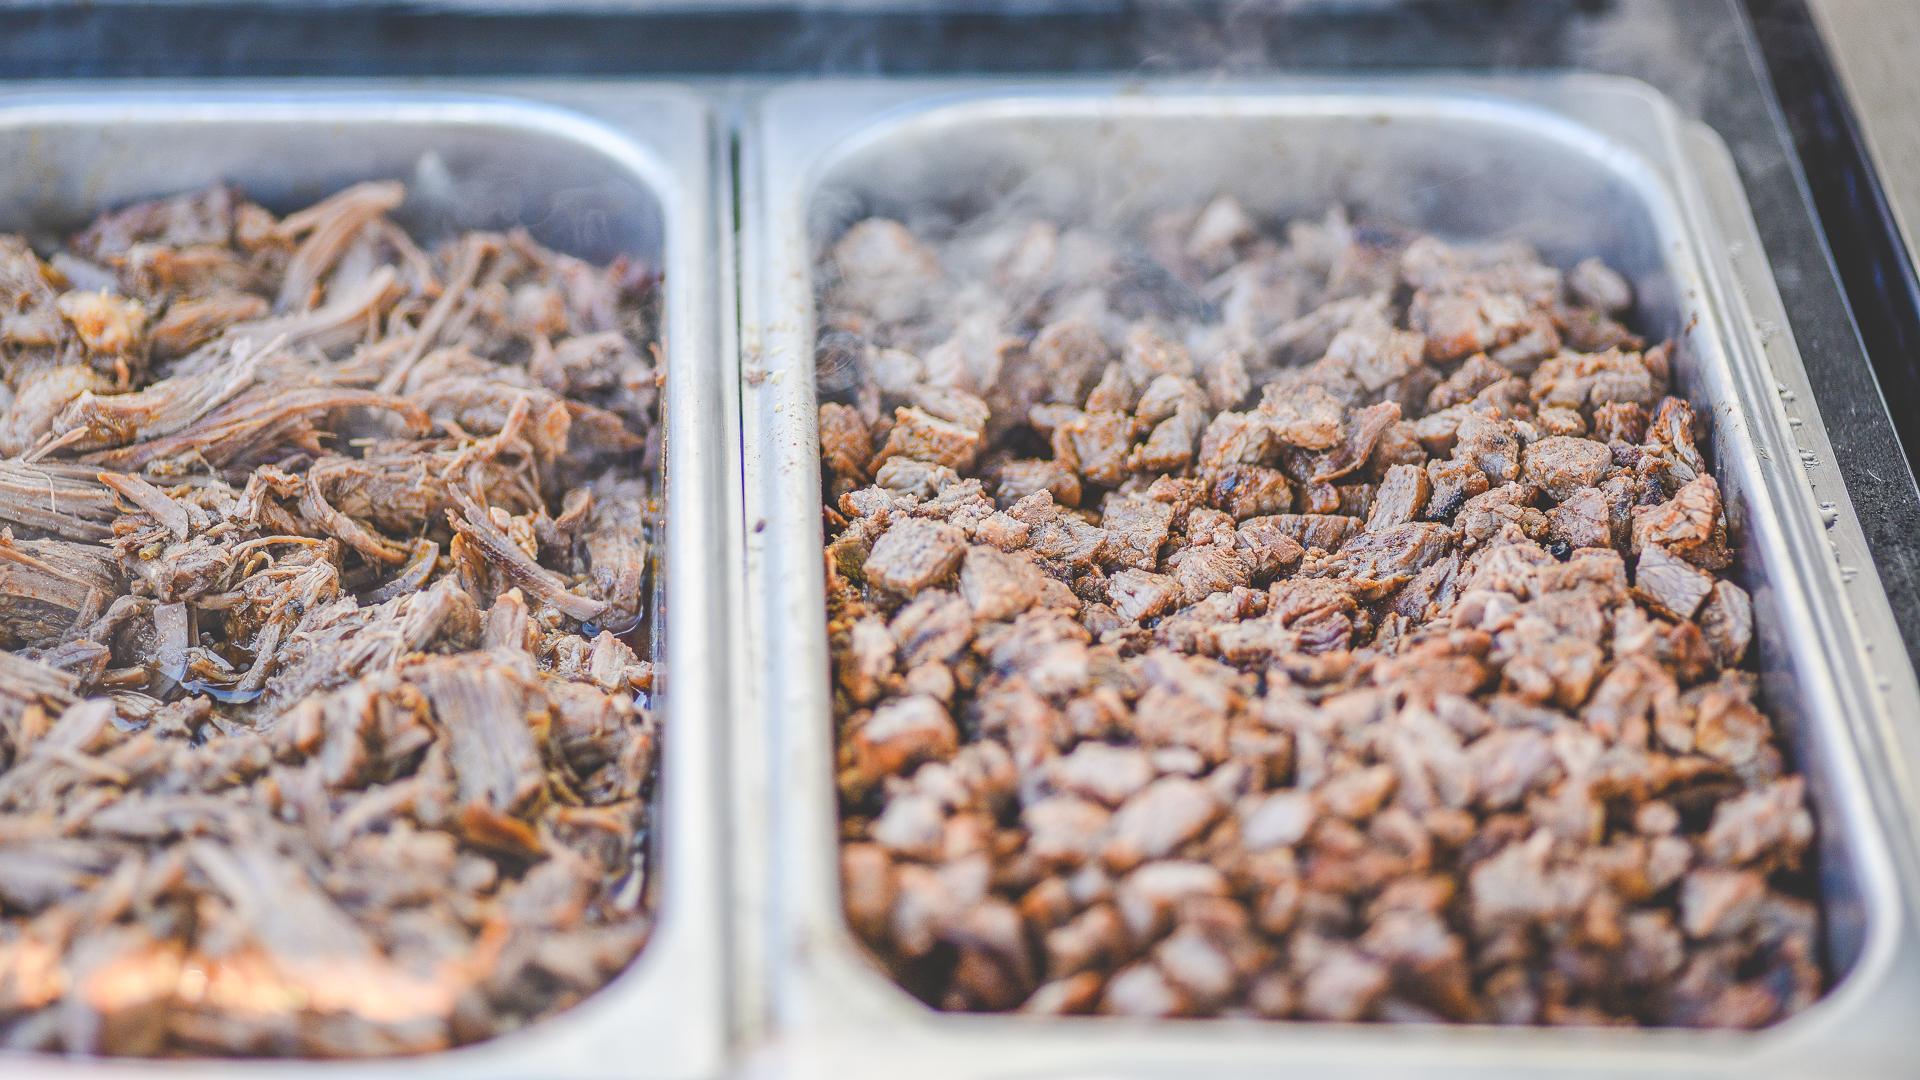 barbacoa and carne asada